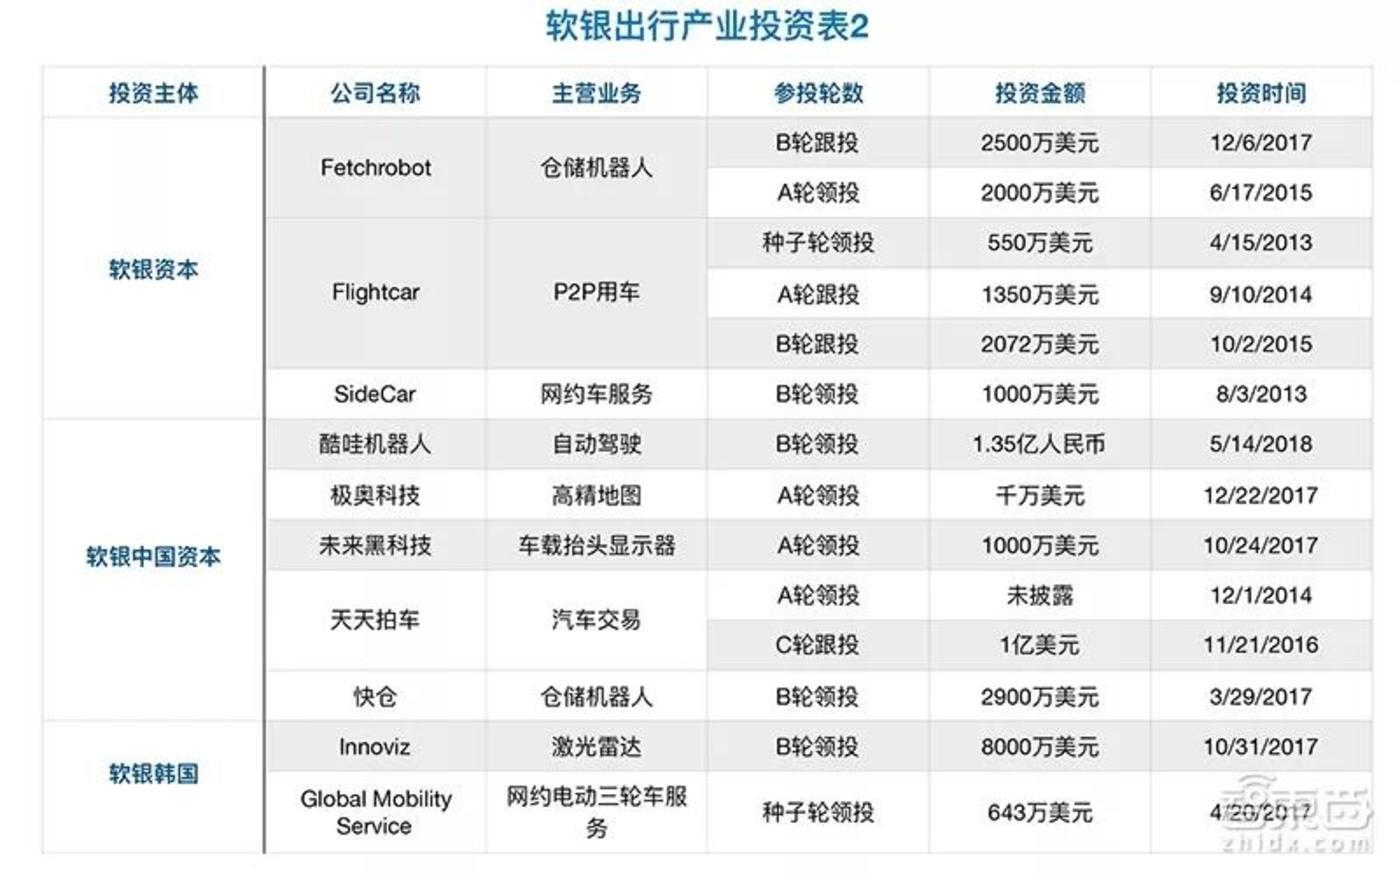 软银资本、软银中国资本与软银韩国资本在出行产业投资